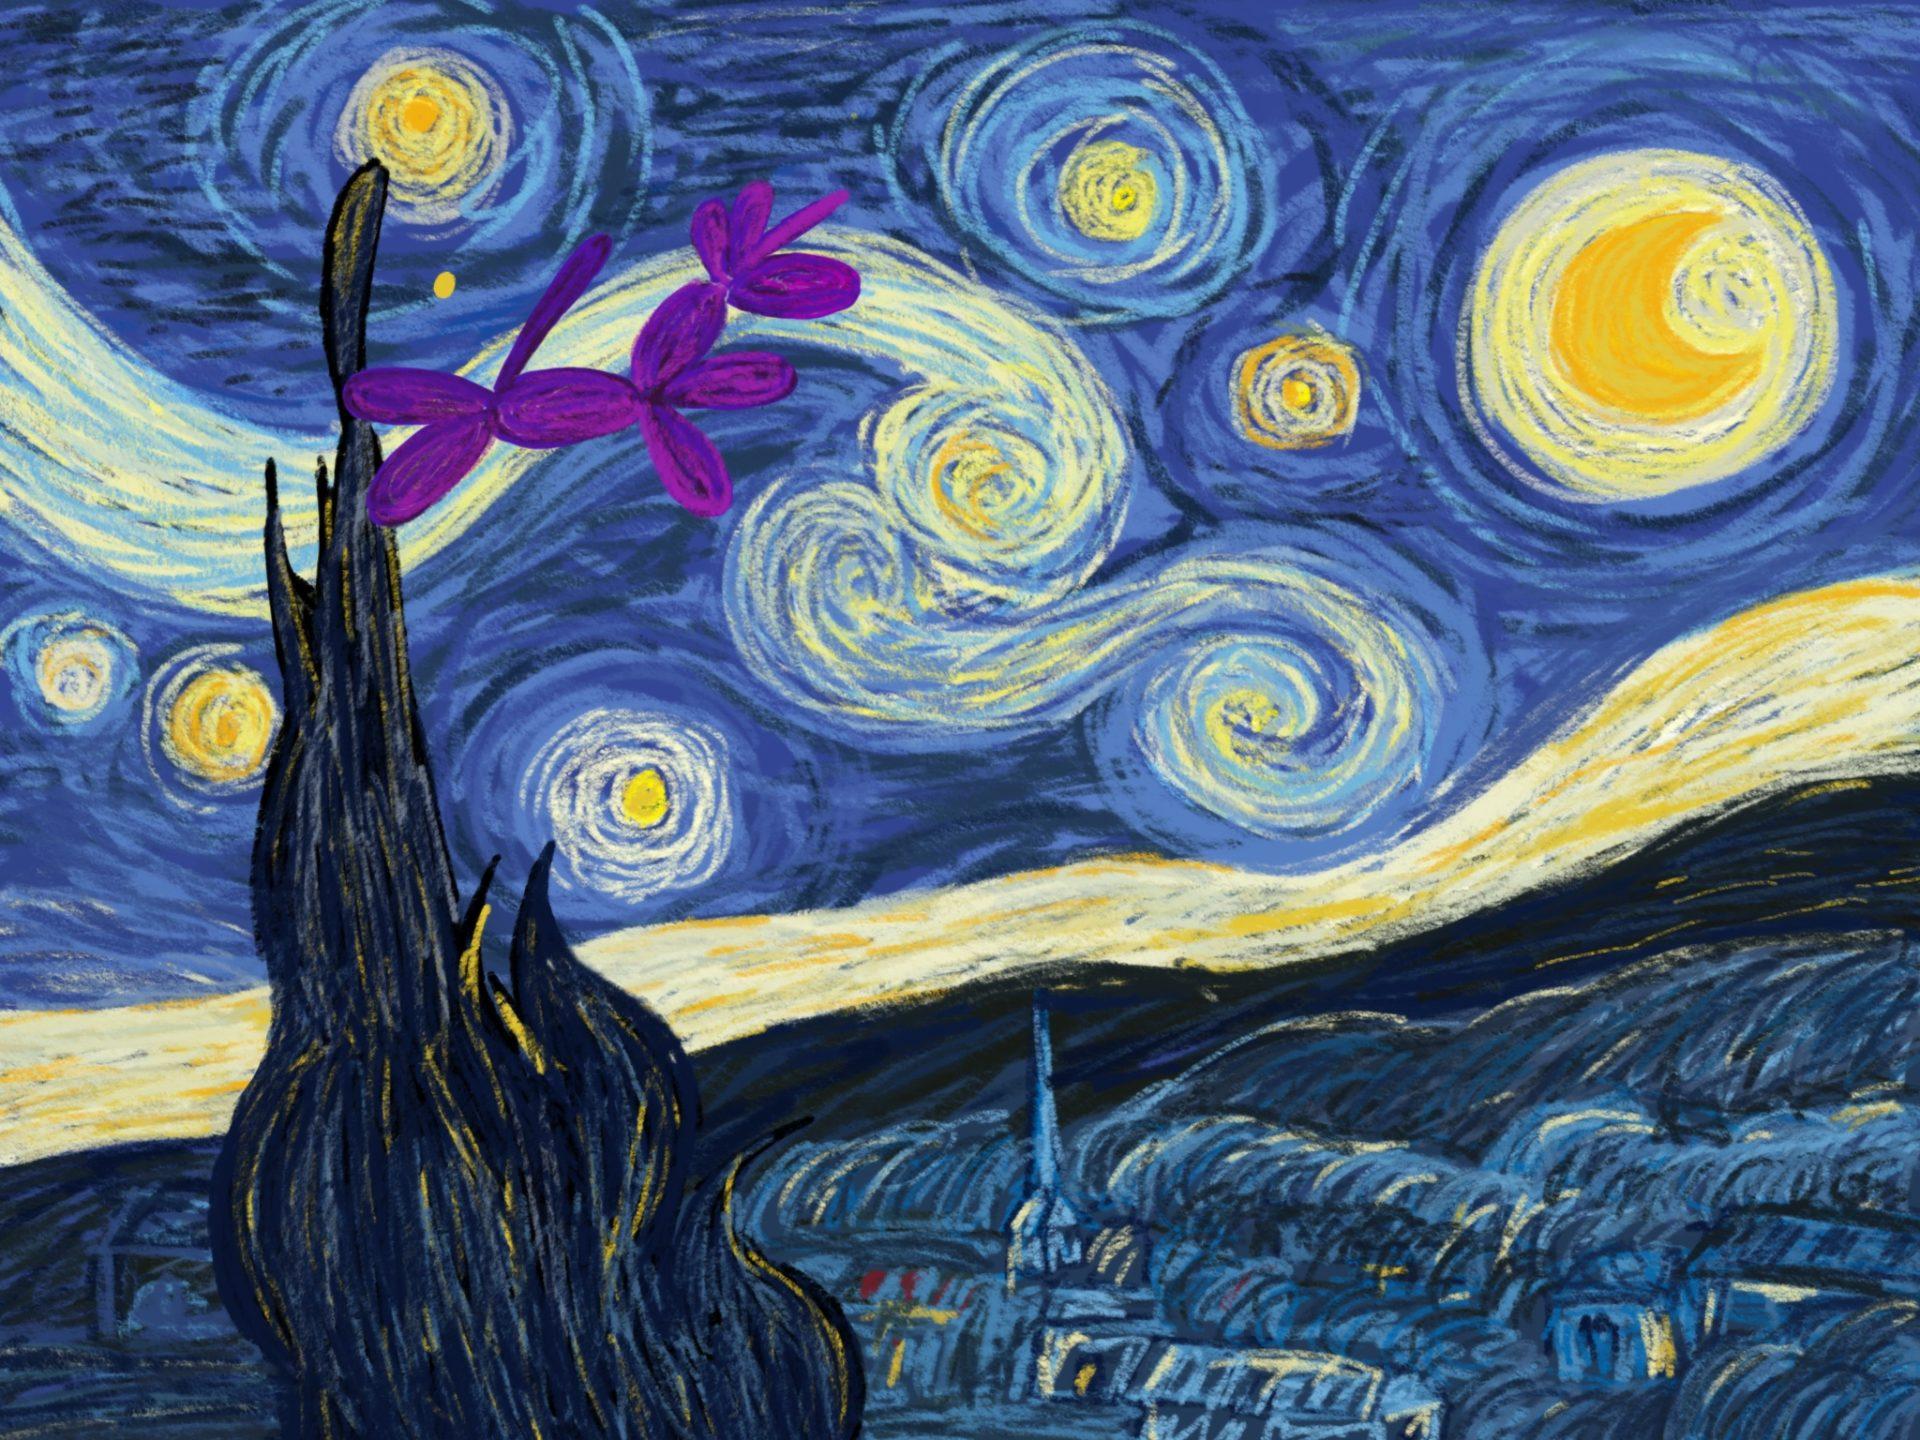 403b: extra art Thursday. Chuffles and the moon